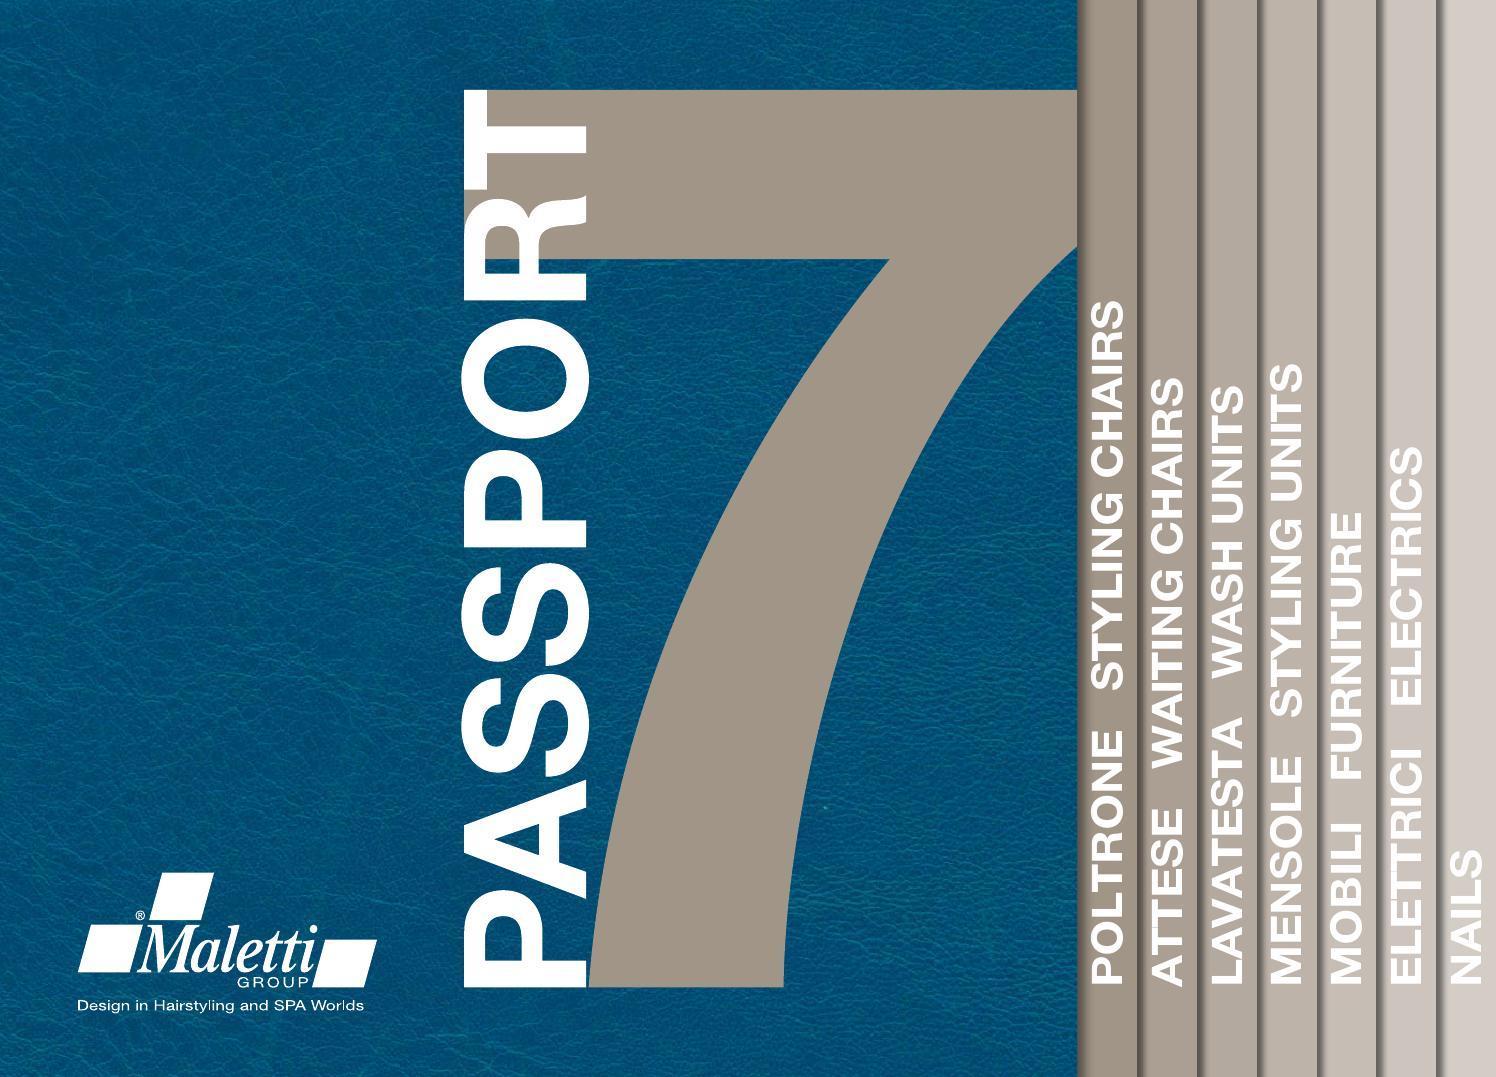 Mobili Avellino E Provincia maletti passport 7 by moore creative - issuu